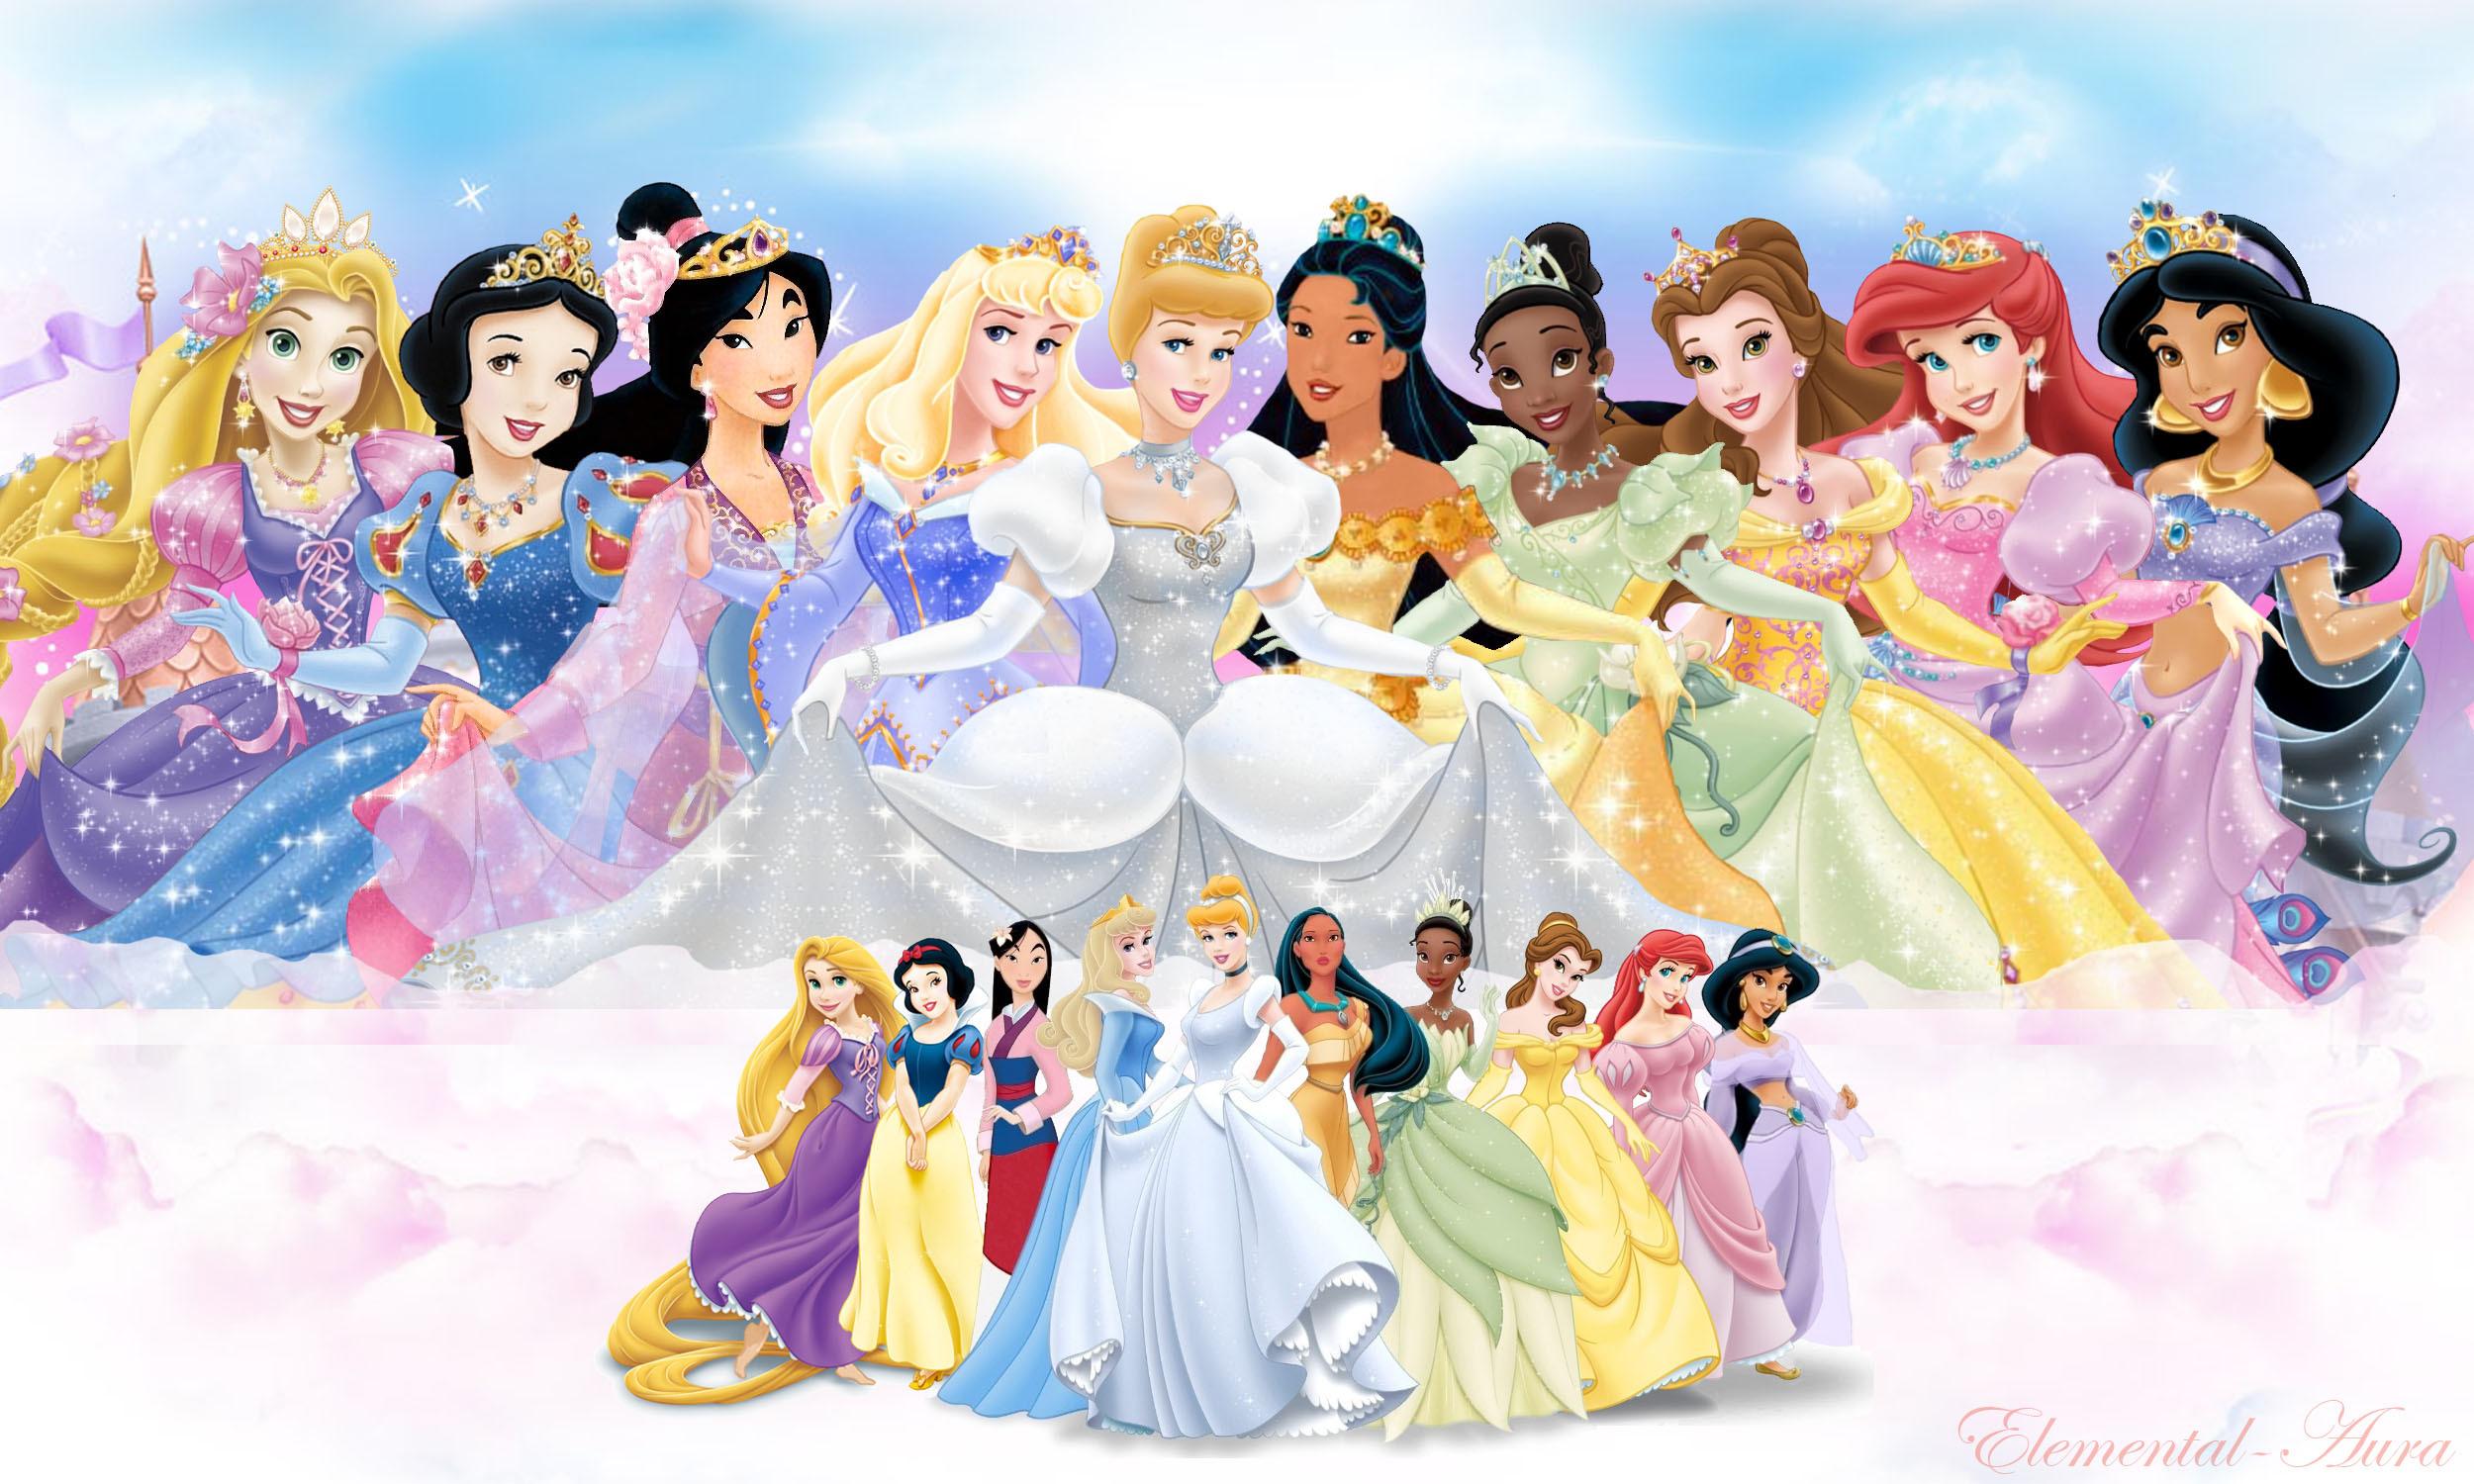 Disney Character Wallpaper Desktop 2500x1500